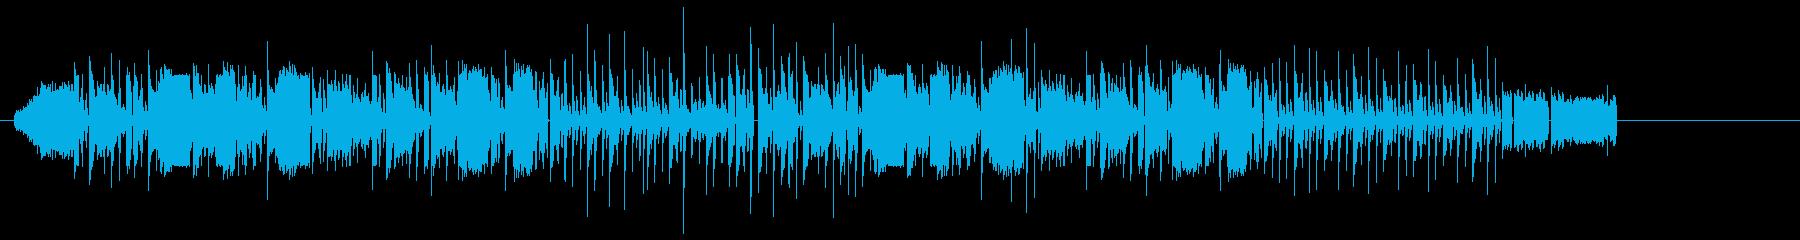 「ロボットファンク」をテーマにした...の再生済みの波形